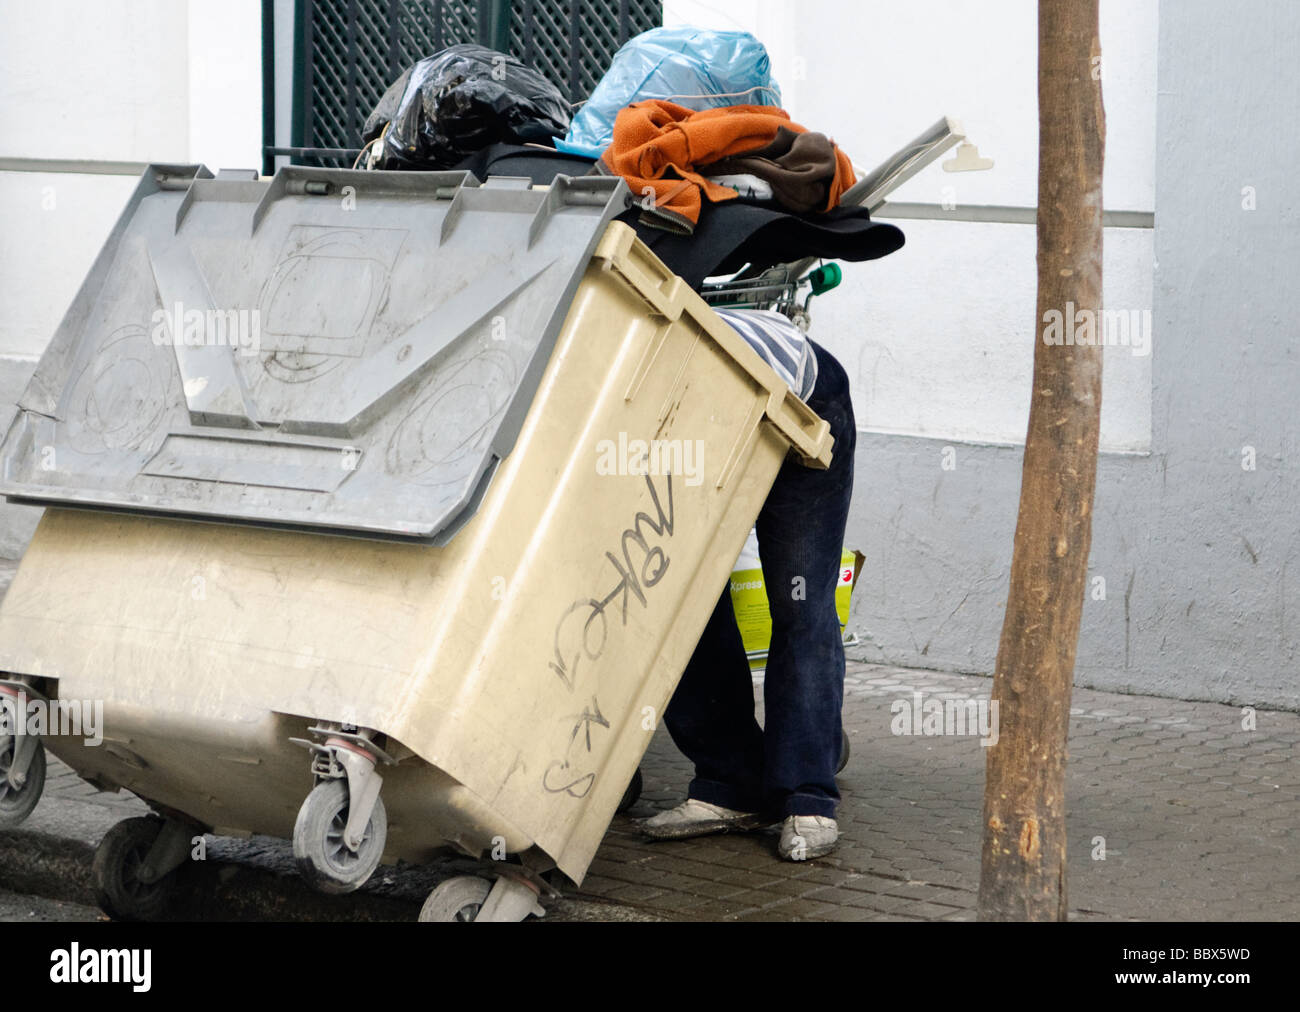 Man taucht in Müllcontainer auf der Suche nach Nahrung in der Straße in Sevilla, Andalusien, Spanien Stockbild